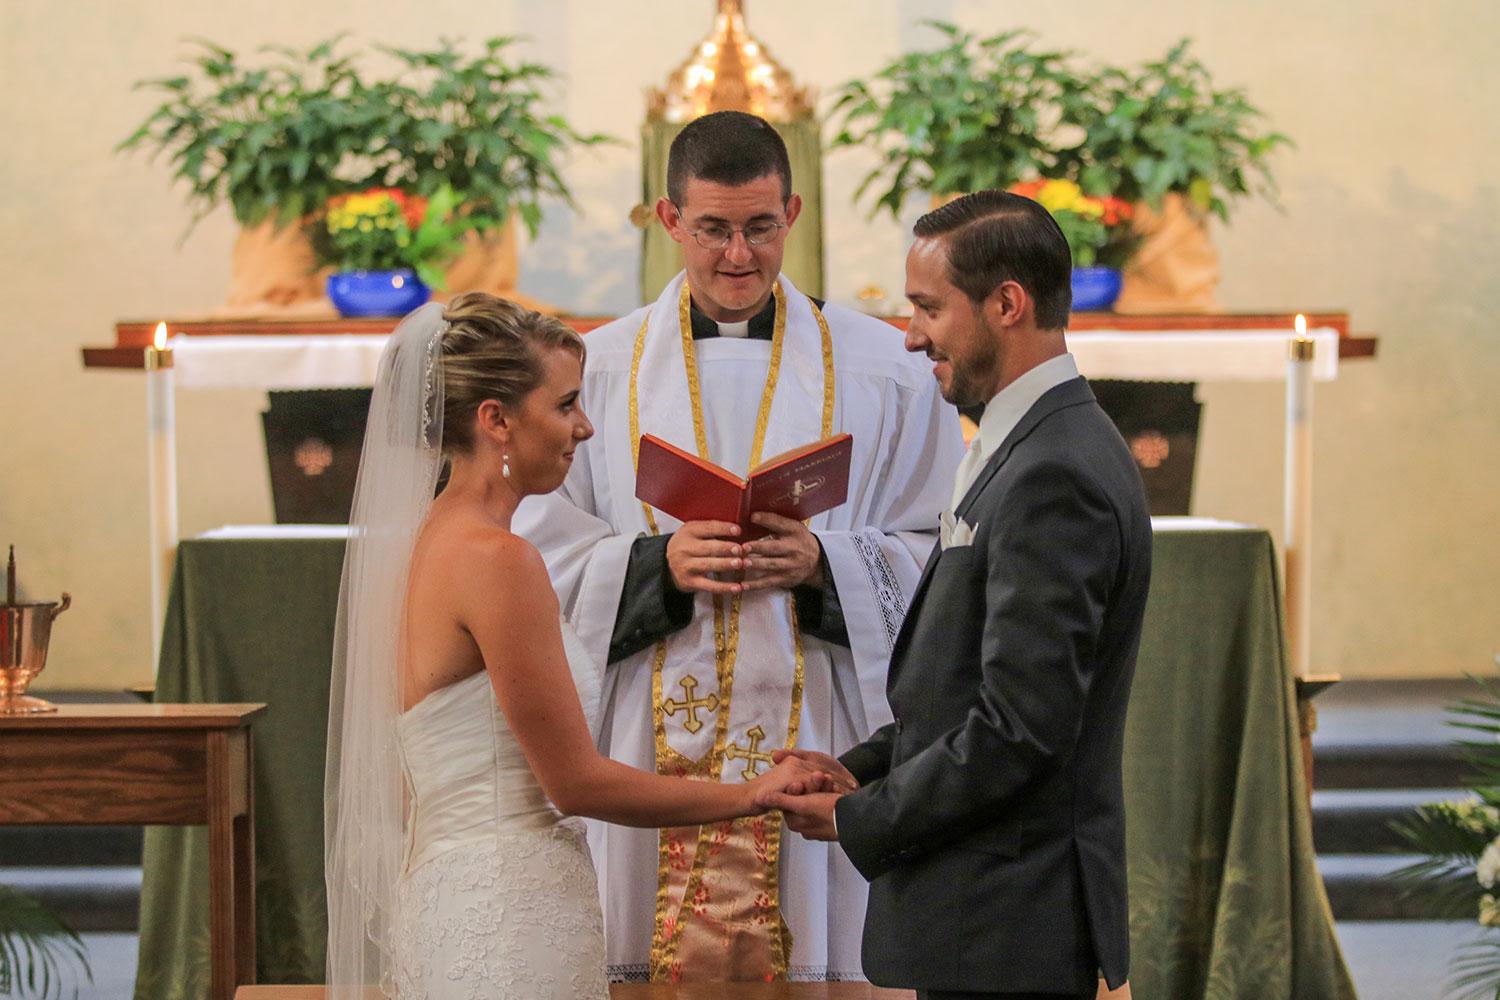 Wedding_Chicago_Kaly_06.JPG